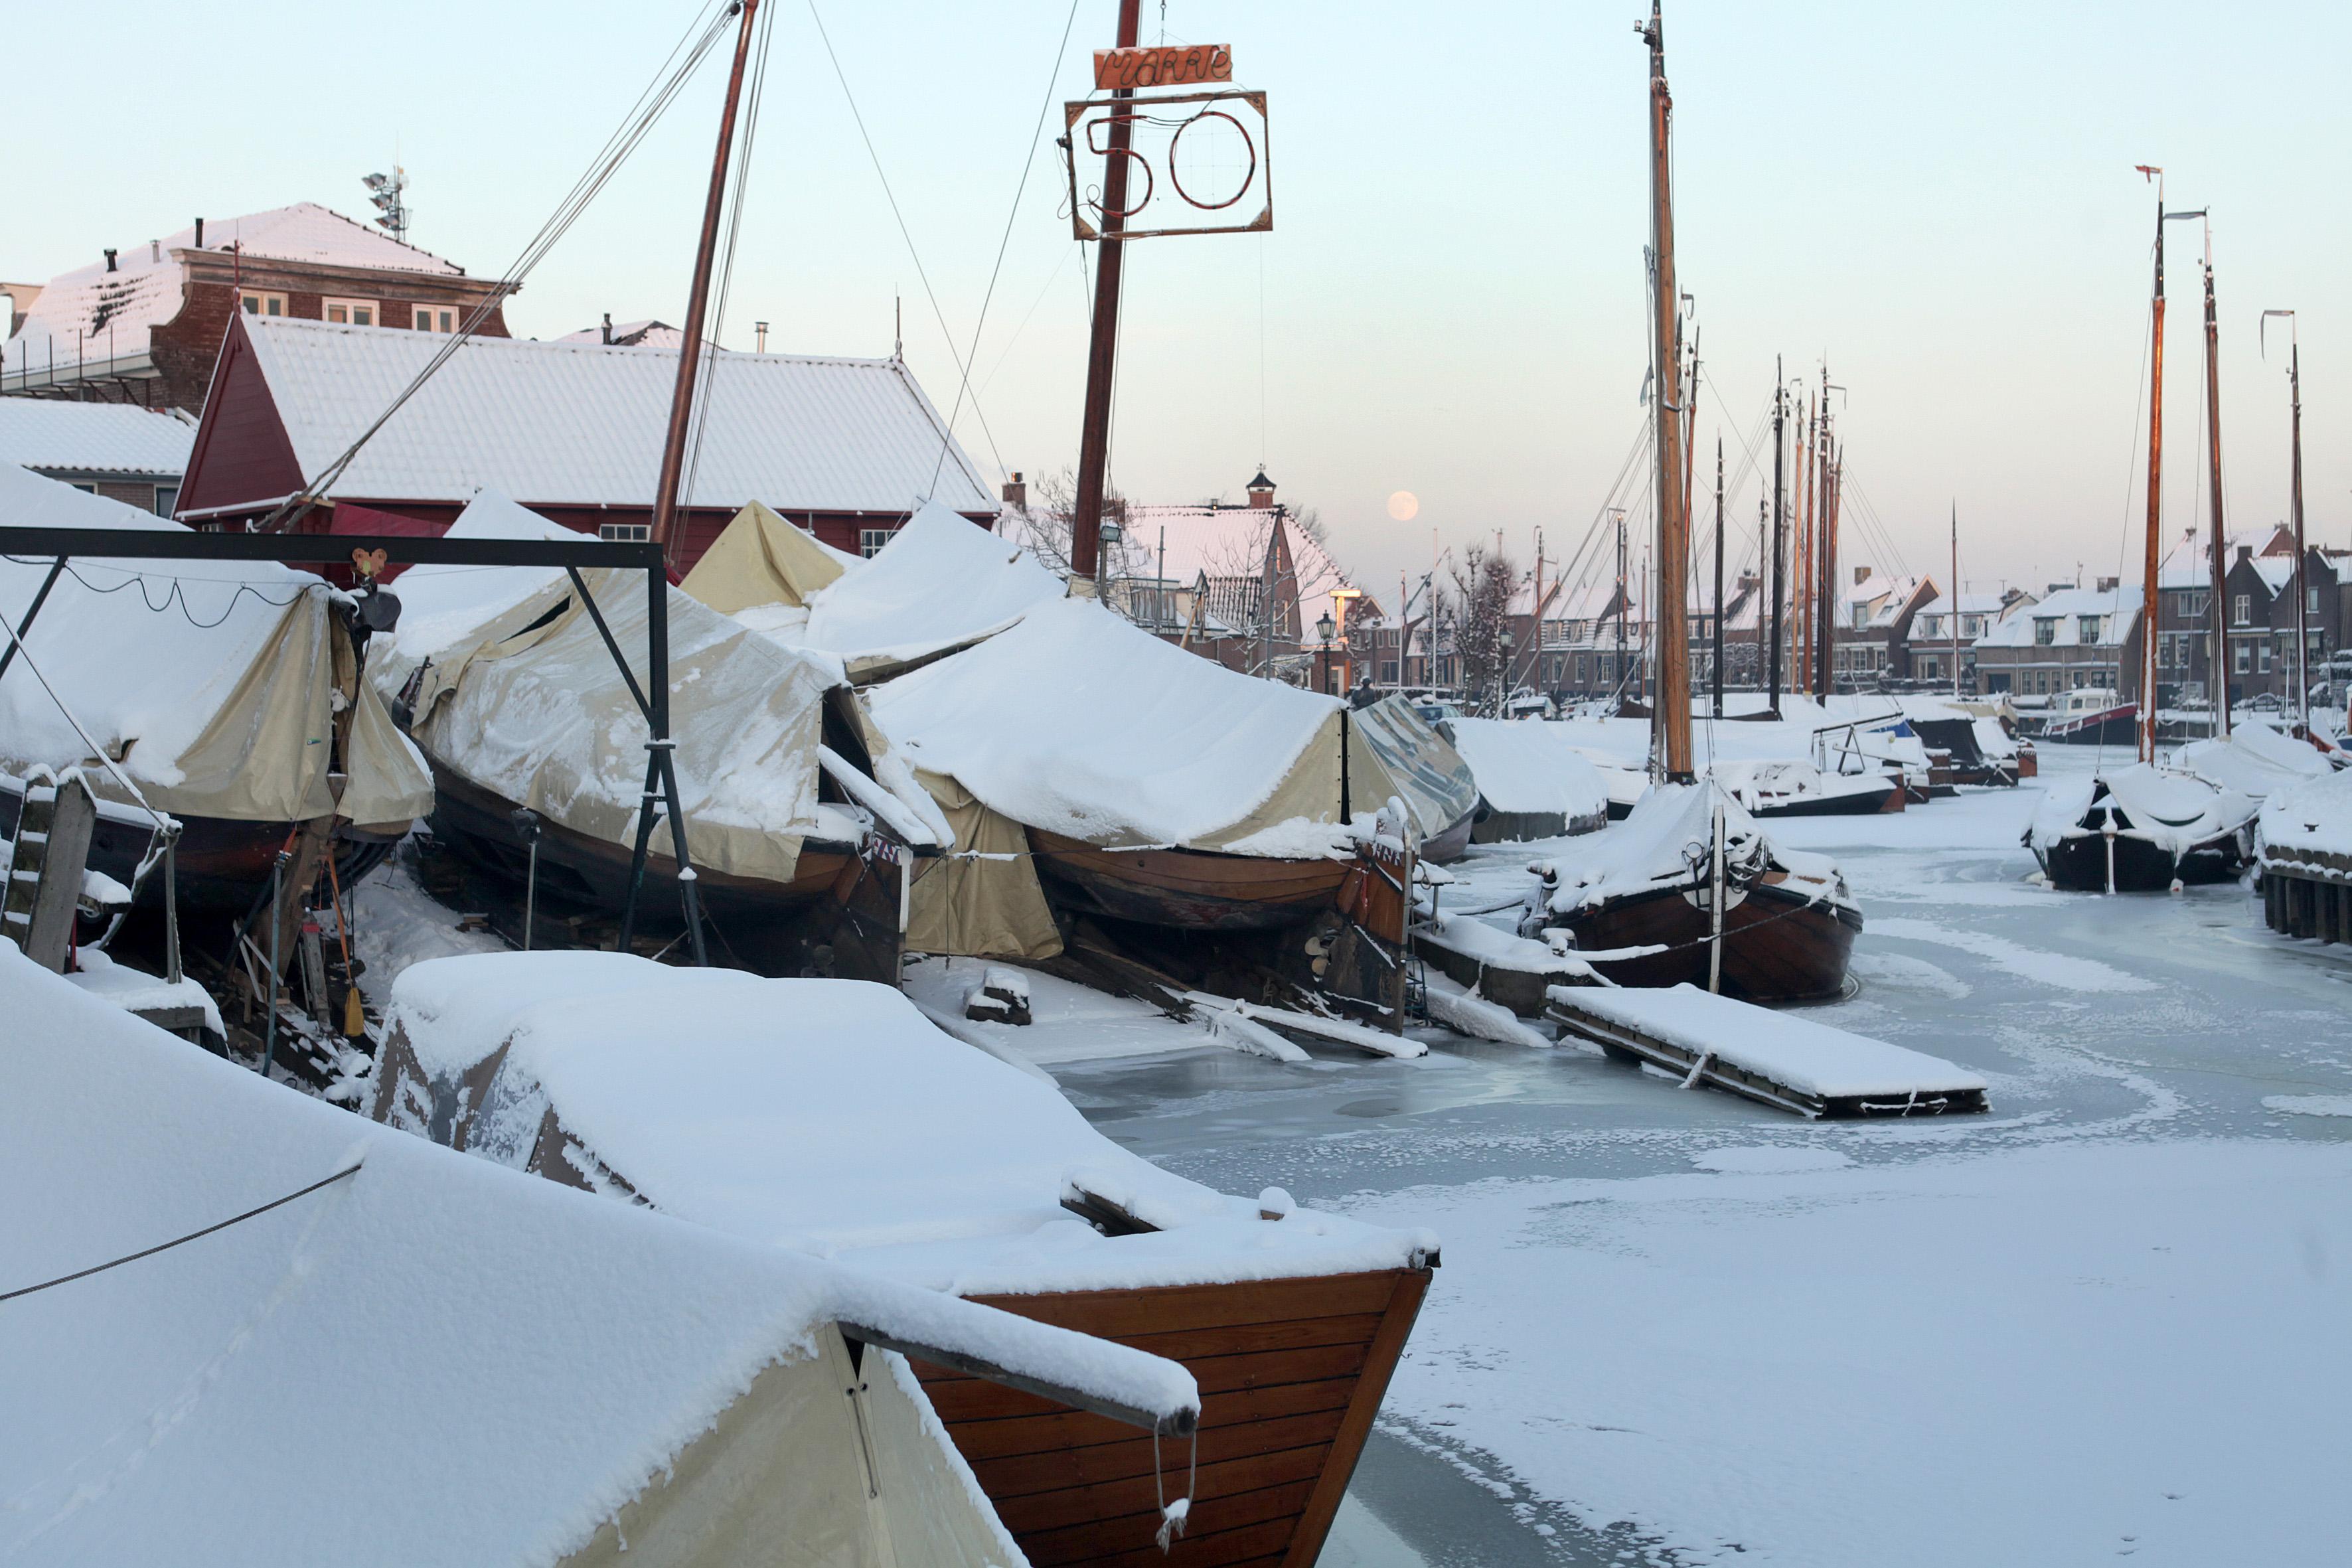 Vaarverbod in Spakenburgse haven uit angst voor schade aan afgemeerde botters en andere schepen